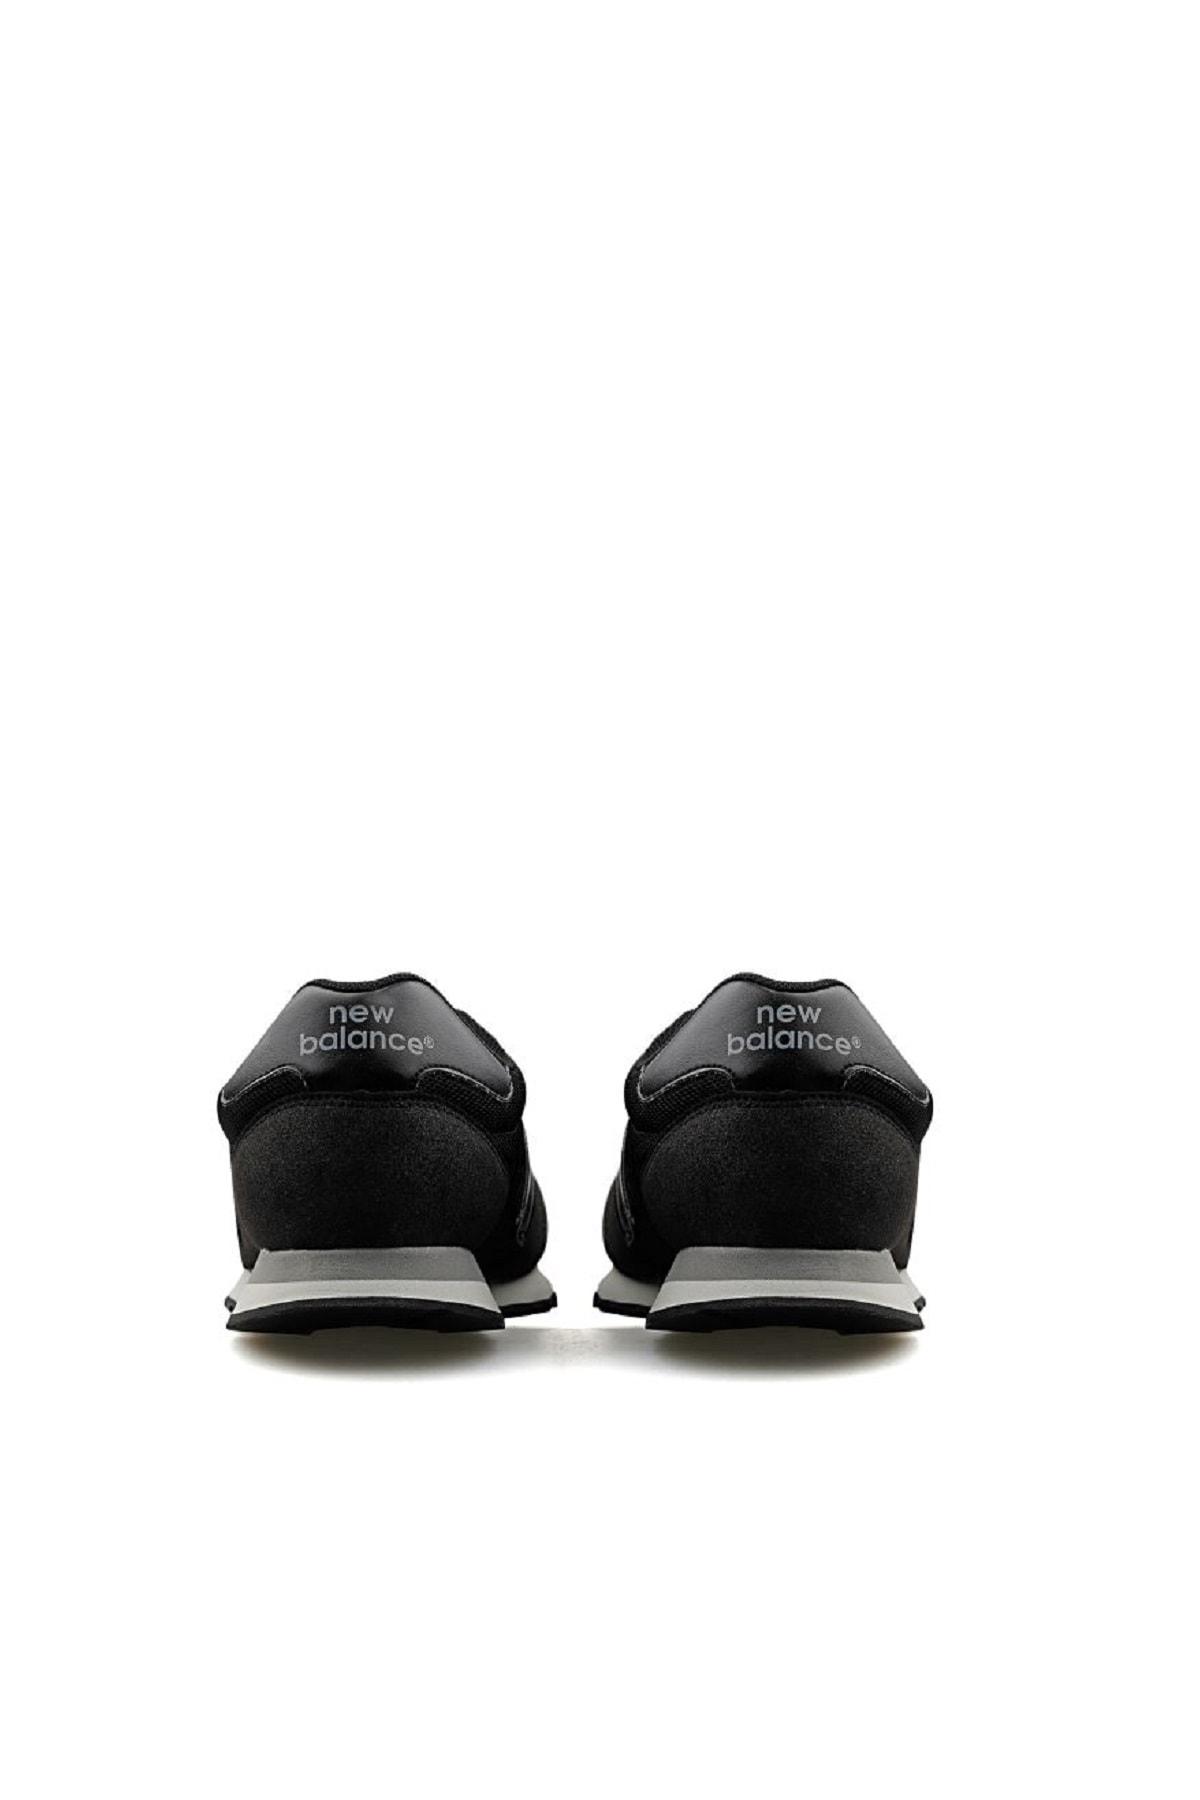 New Balance Erkek Koşu & Antrenman Ayakkabısı - Lifestyle - GM500TLO 2